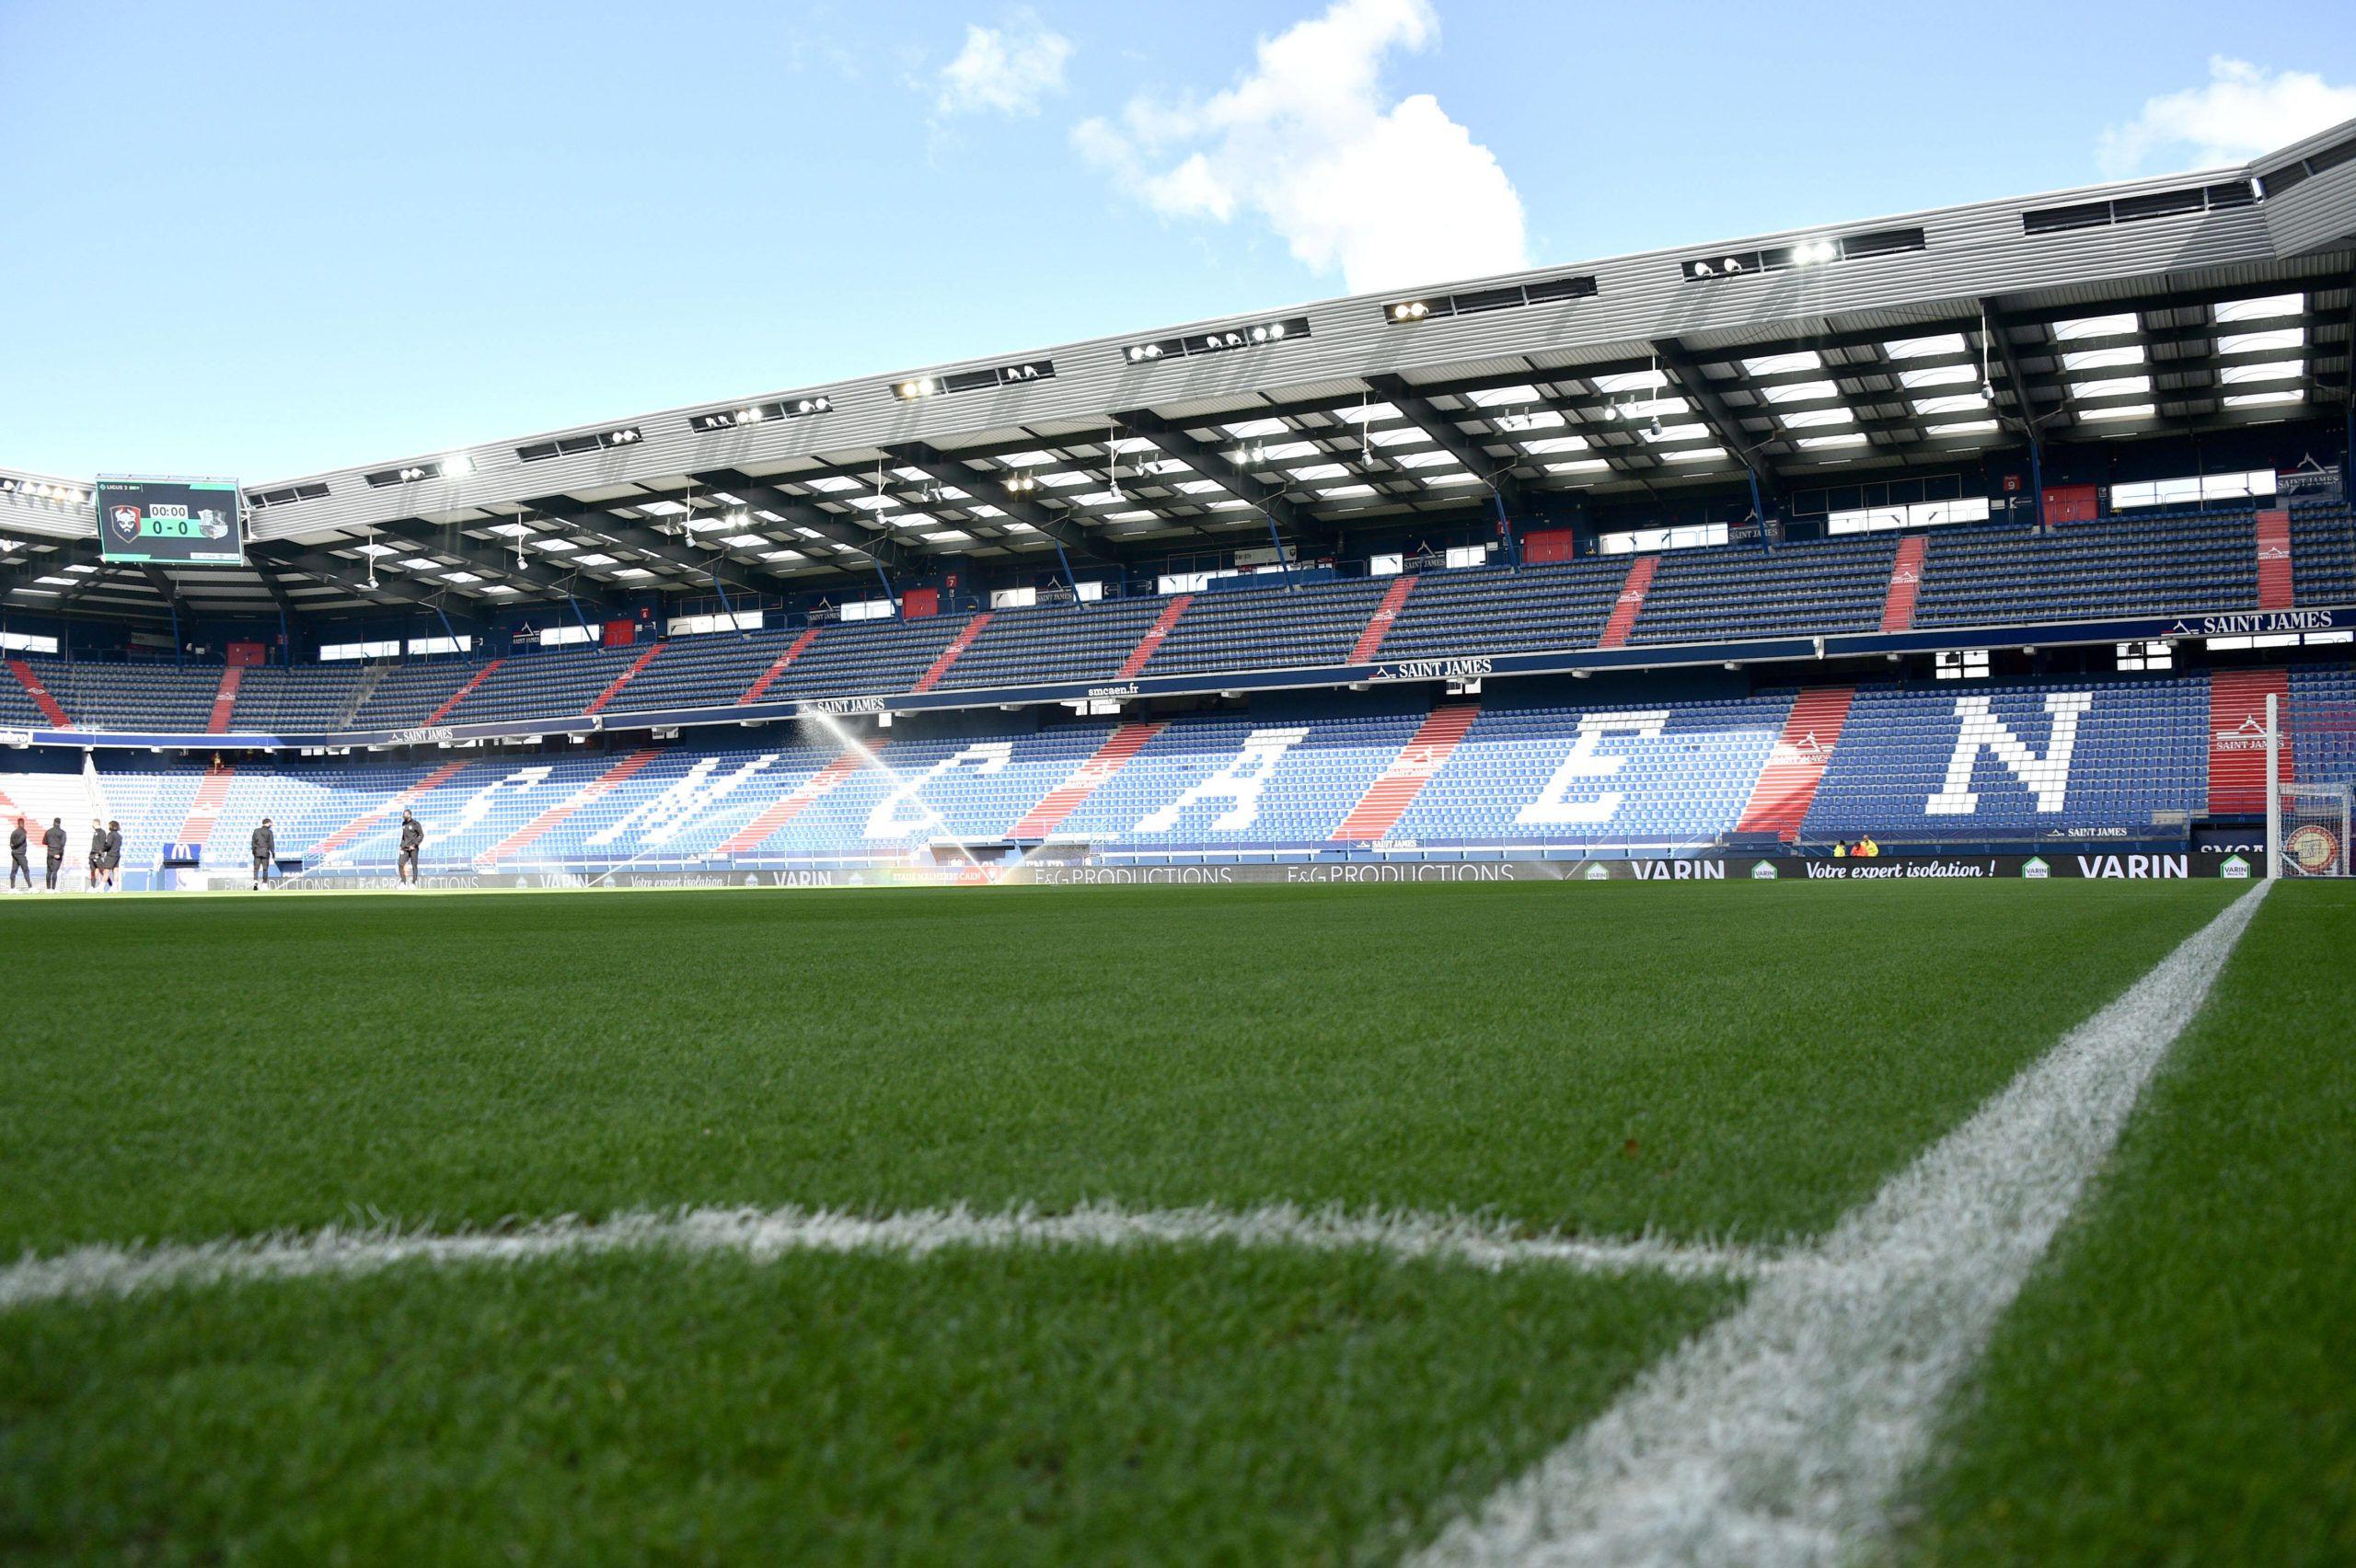 Trois matchs en sept jours à d'Ornano : la pelouse tiendra-t-elle le choc ?